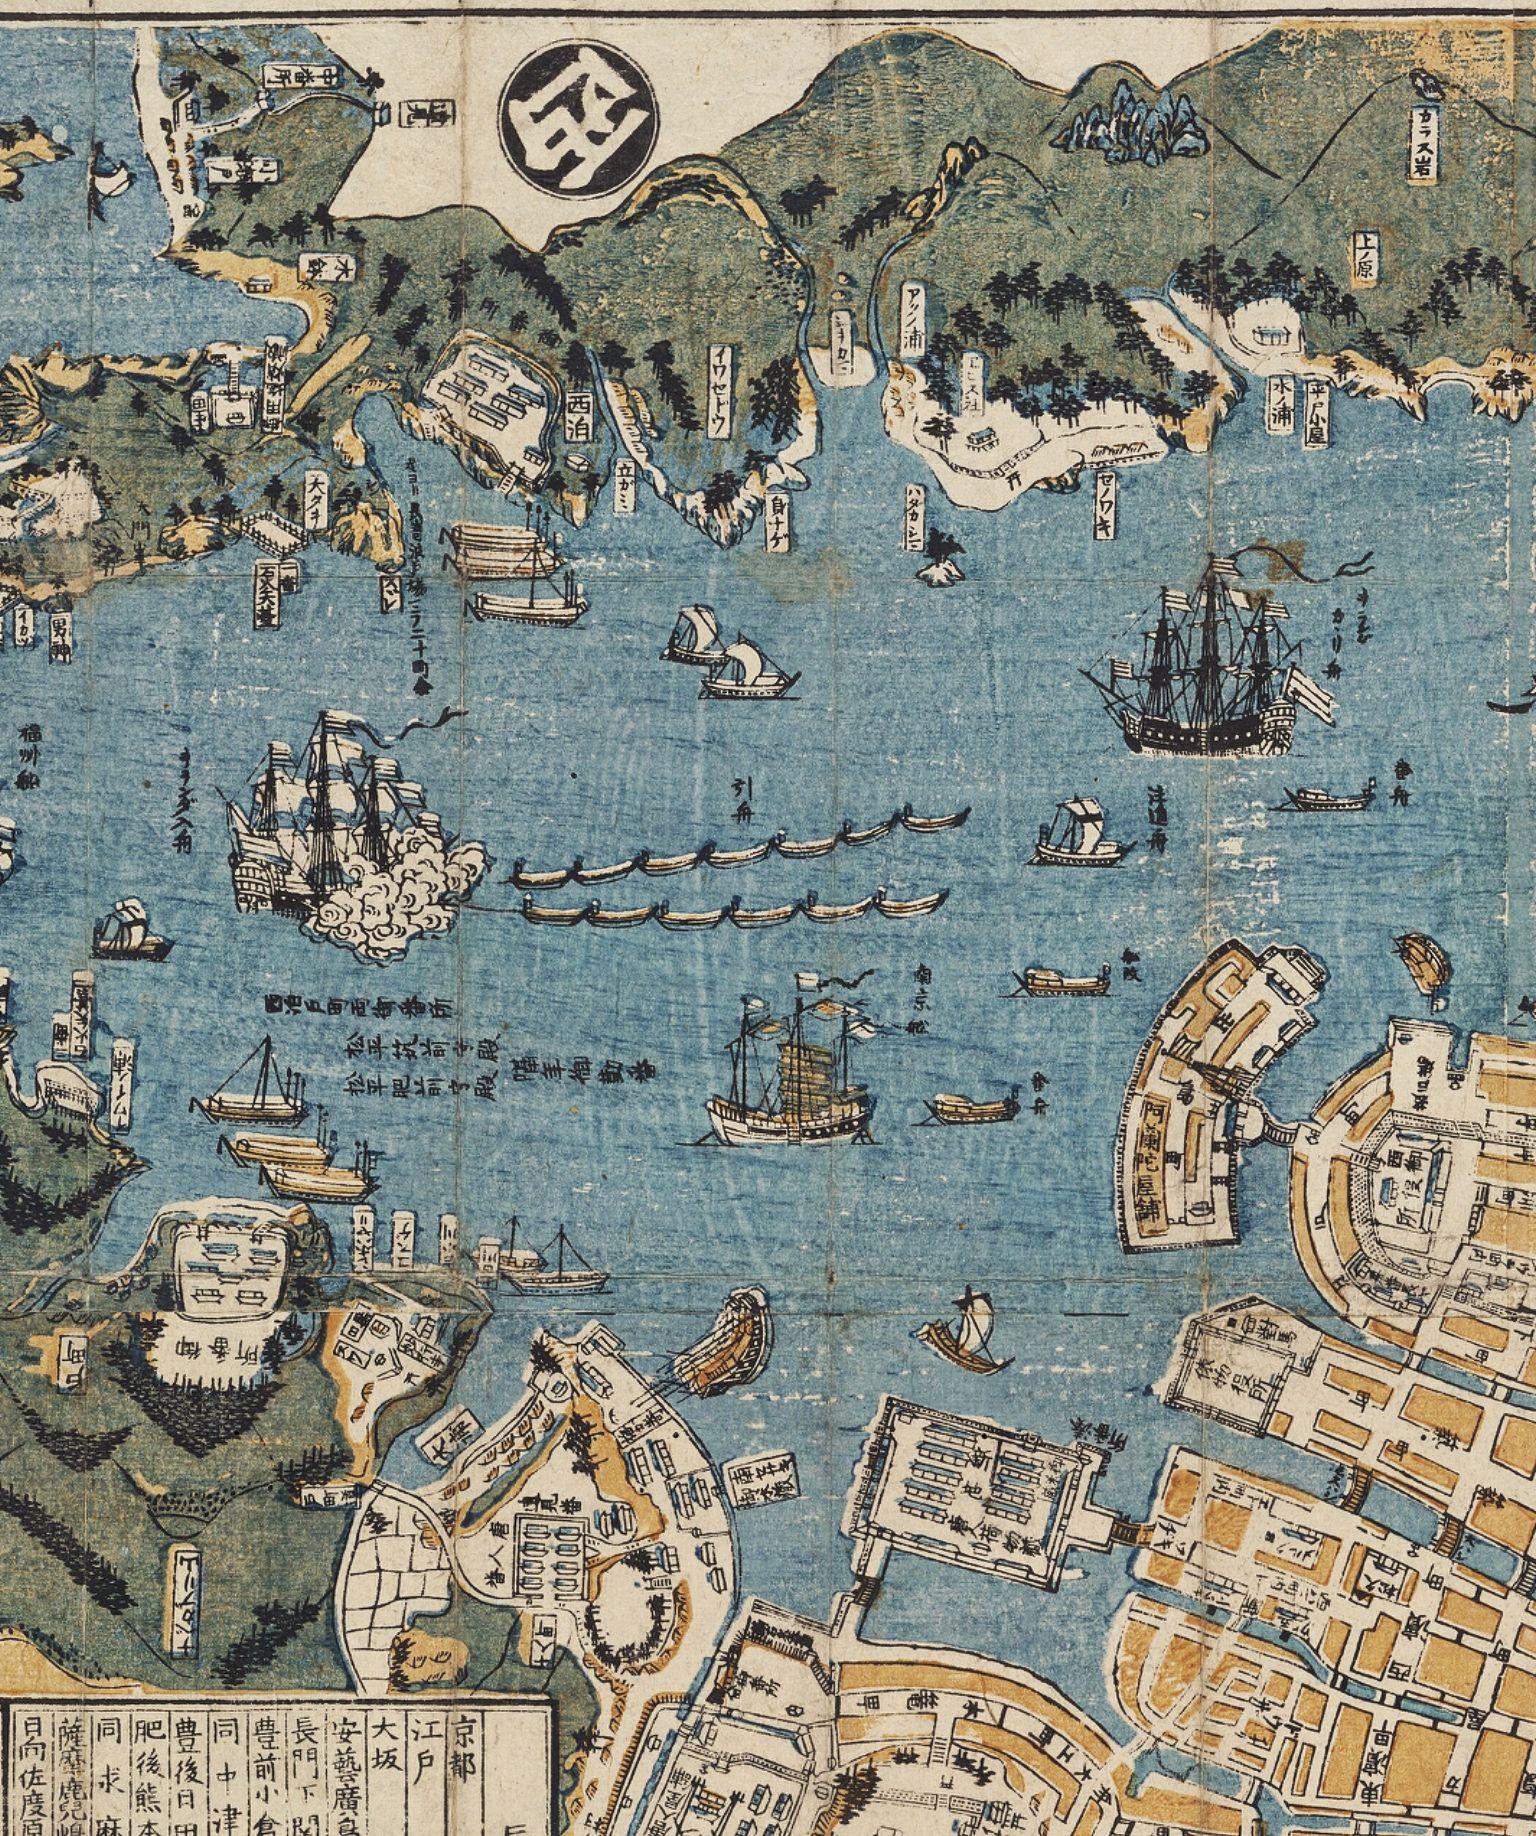 1846 Japanese map of Nagasaki showing Deshima